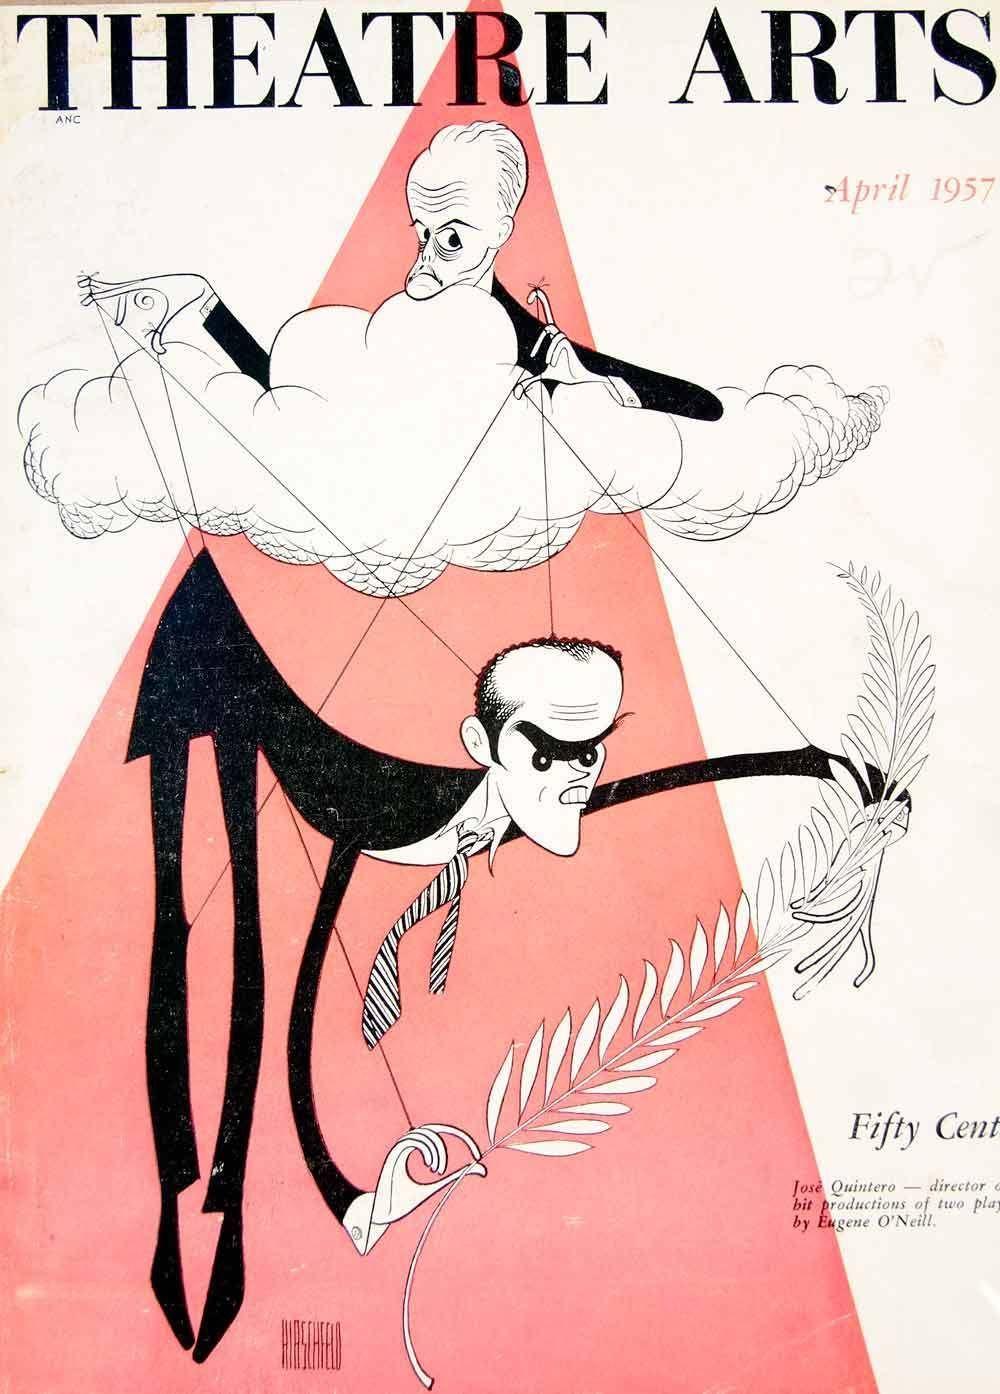 """Al Hirschfeld ~ Eugene O'Neill and Jose Quintero on the cover of """"Theatre Arts"""" magazine"""